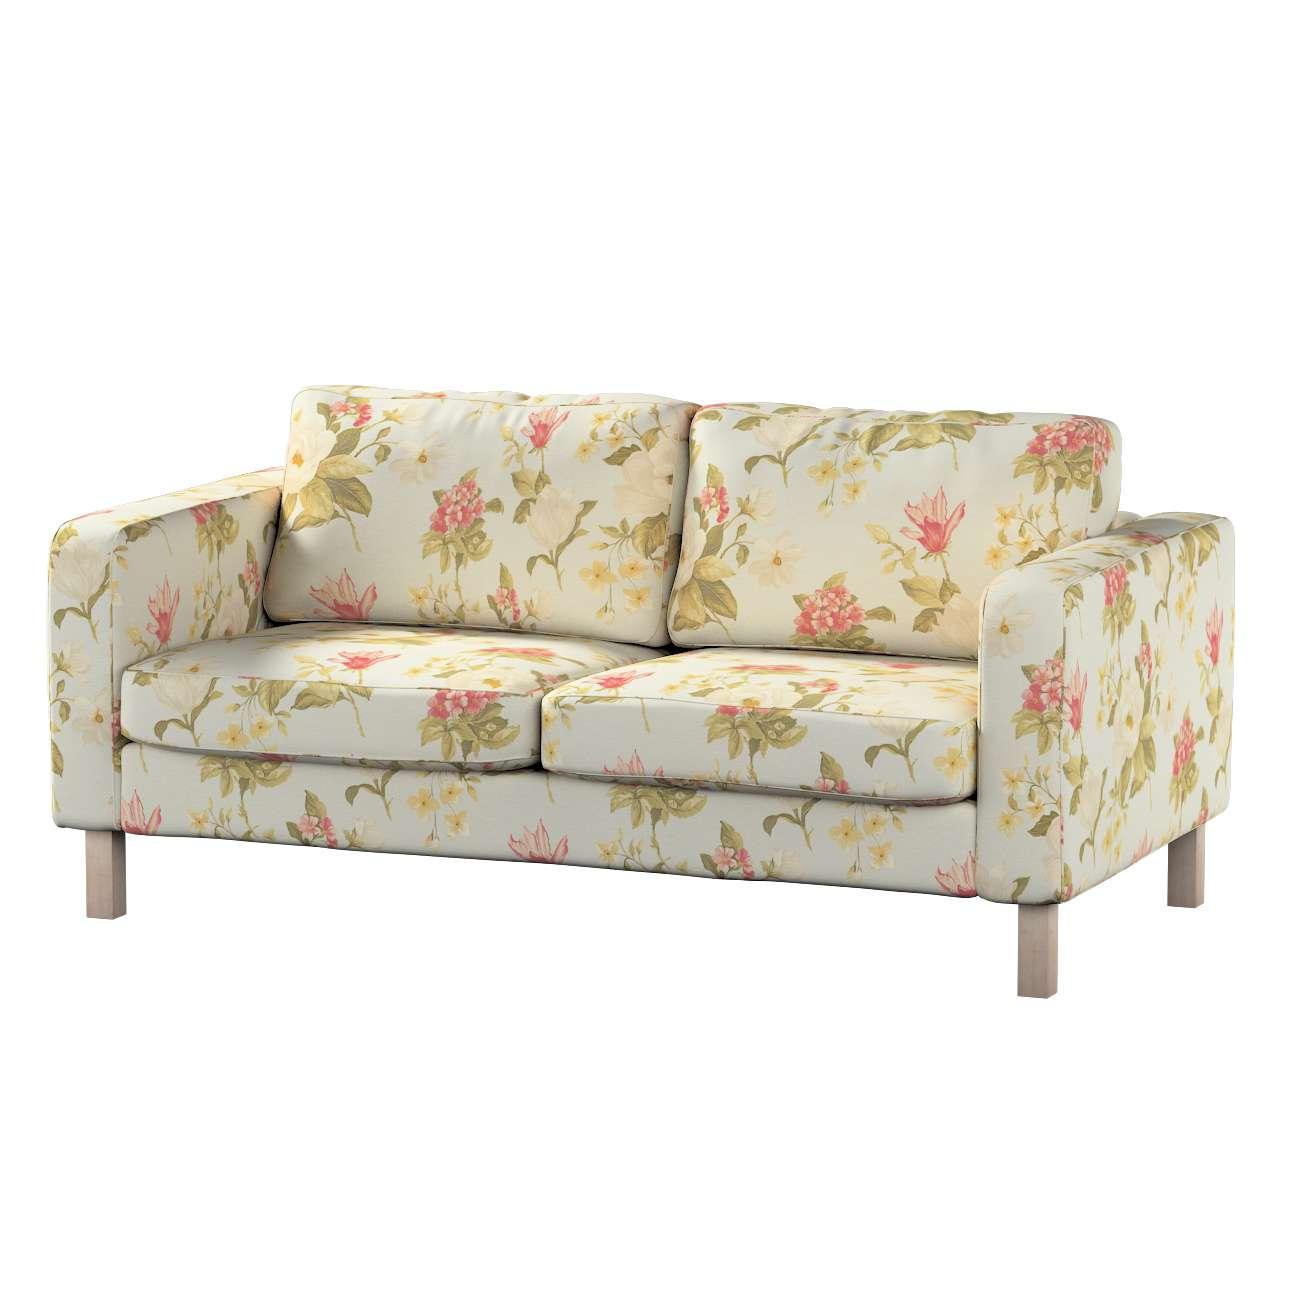 Pokrowiec na sofę Karlstad 2-osobową nierozkładaną krótki Sofa Karlstad 2-osobowa w kolekcji Londres, tkanina: 123-65